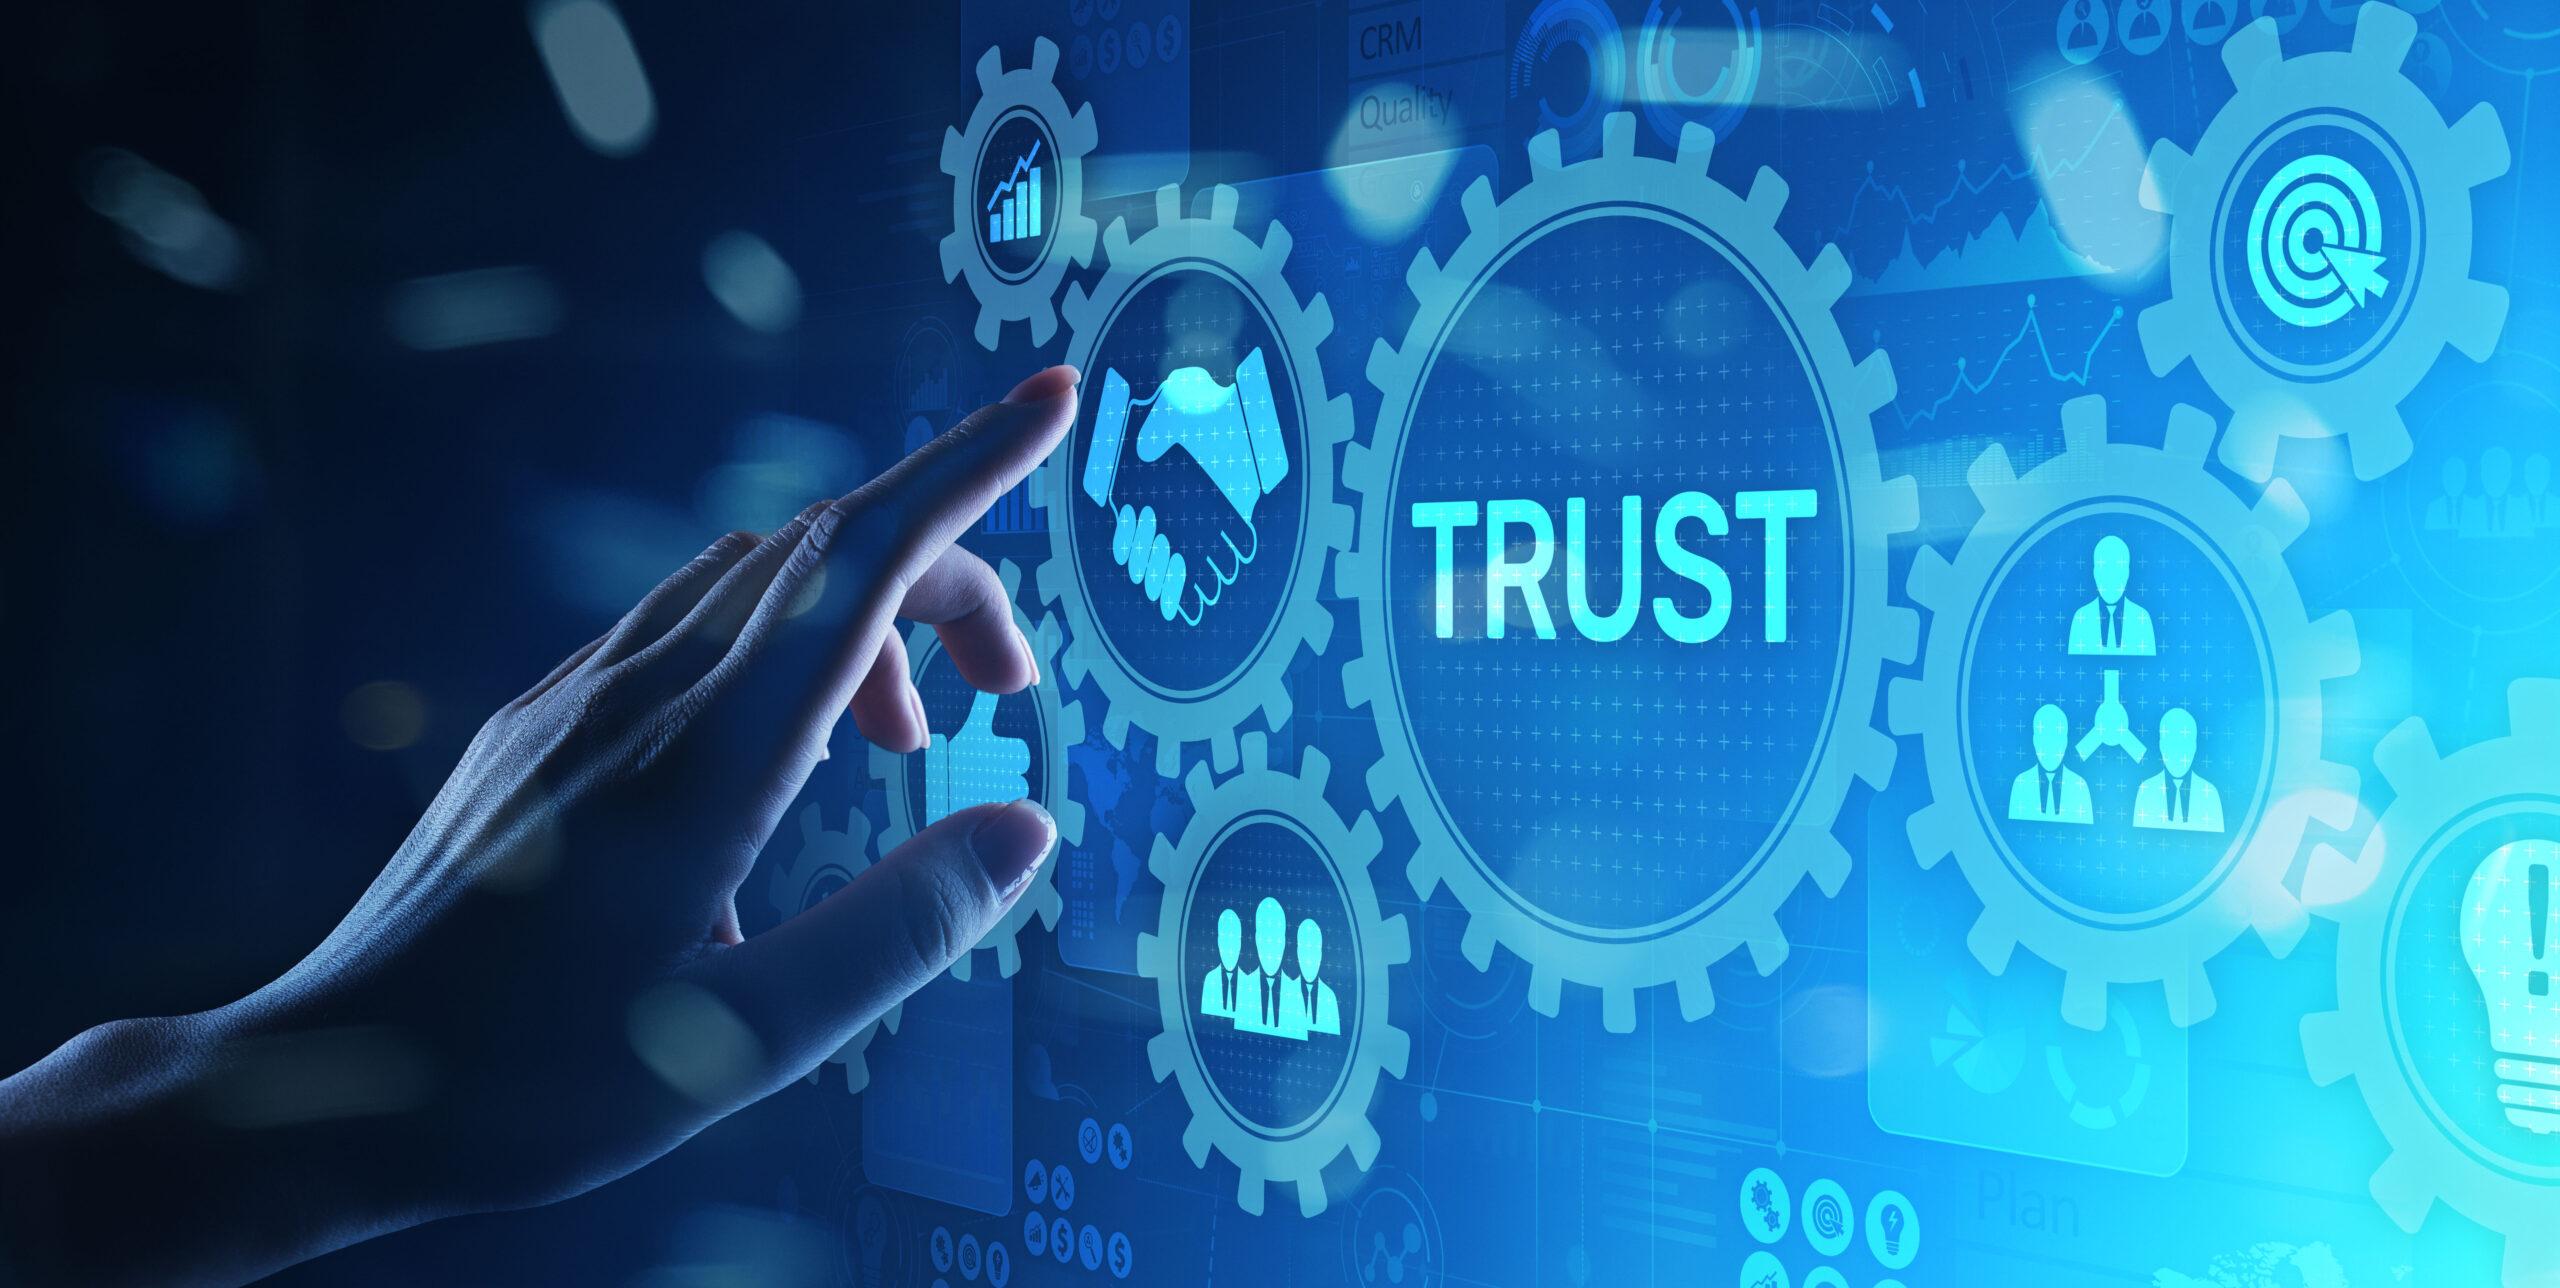 ブロックチェーンは信頼する相手を選ぶ自由をもたらす【オピニオン】